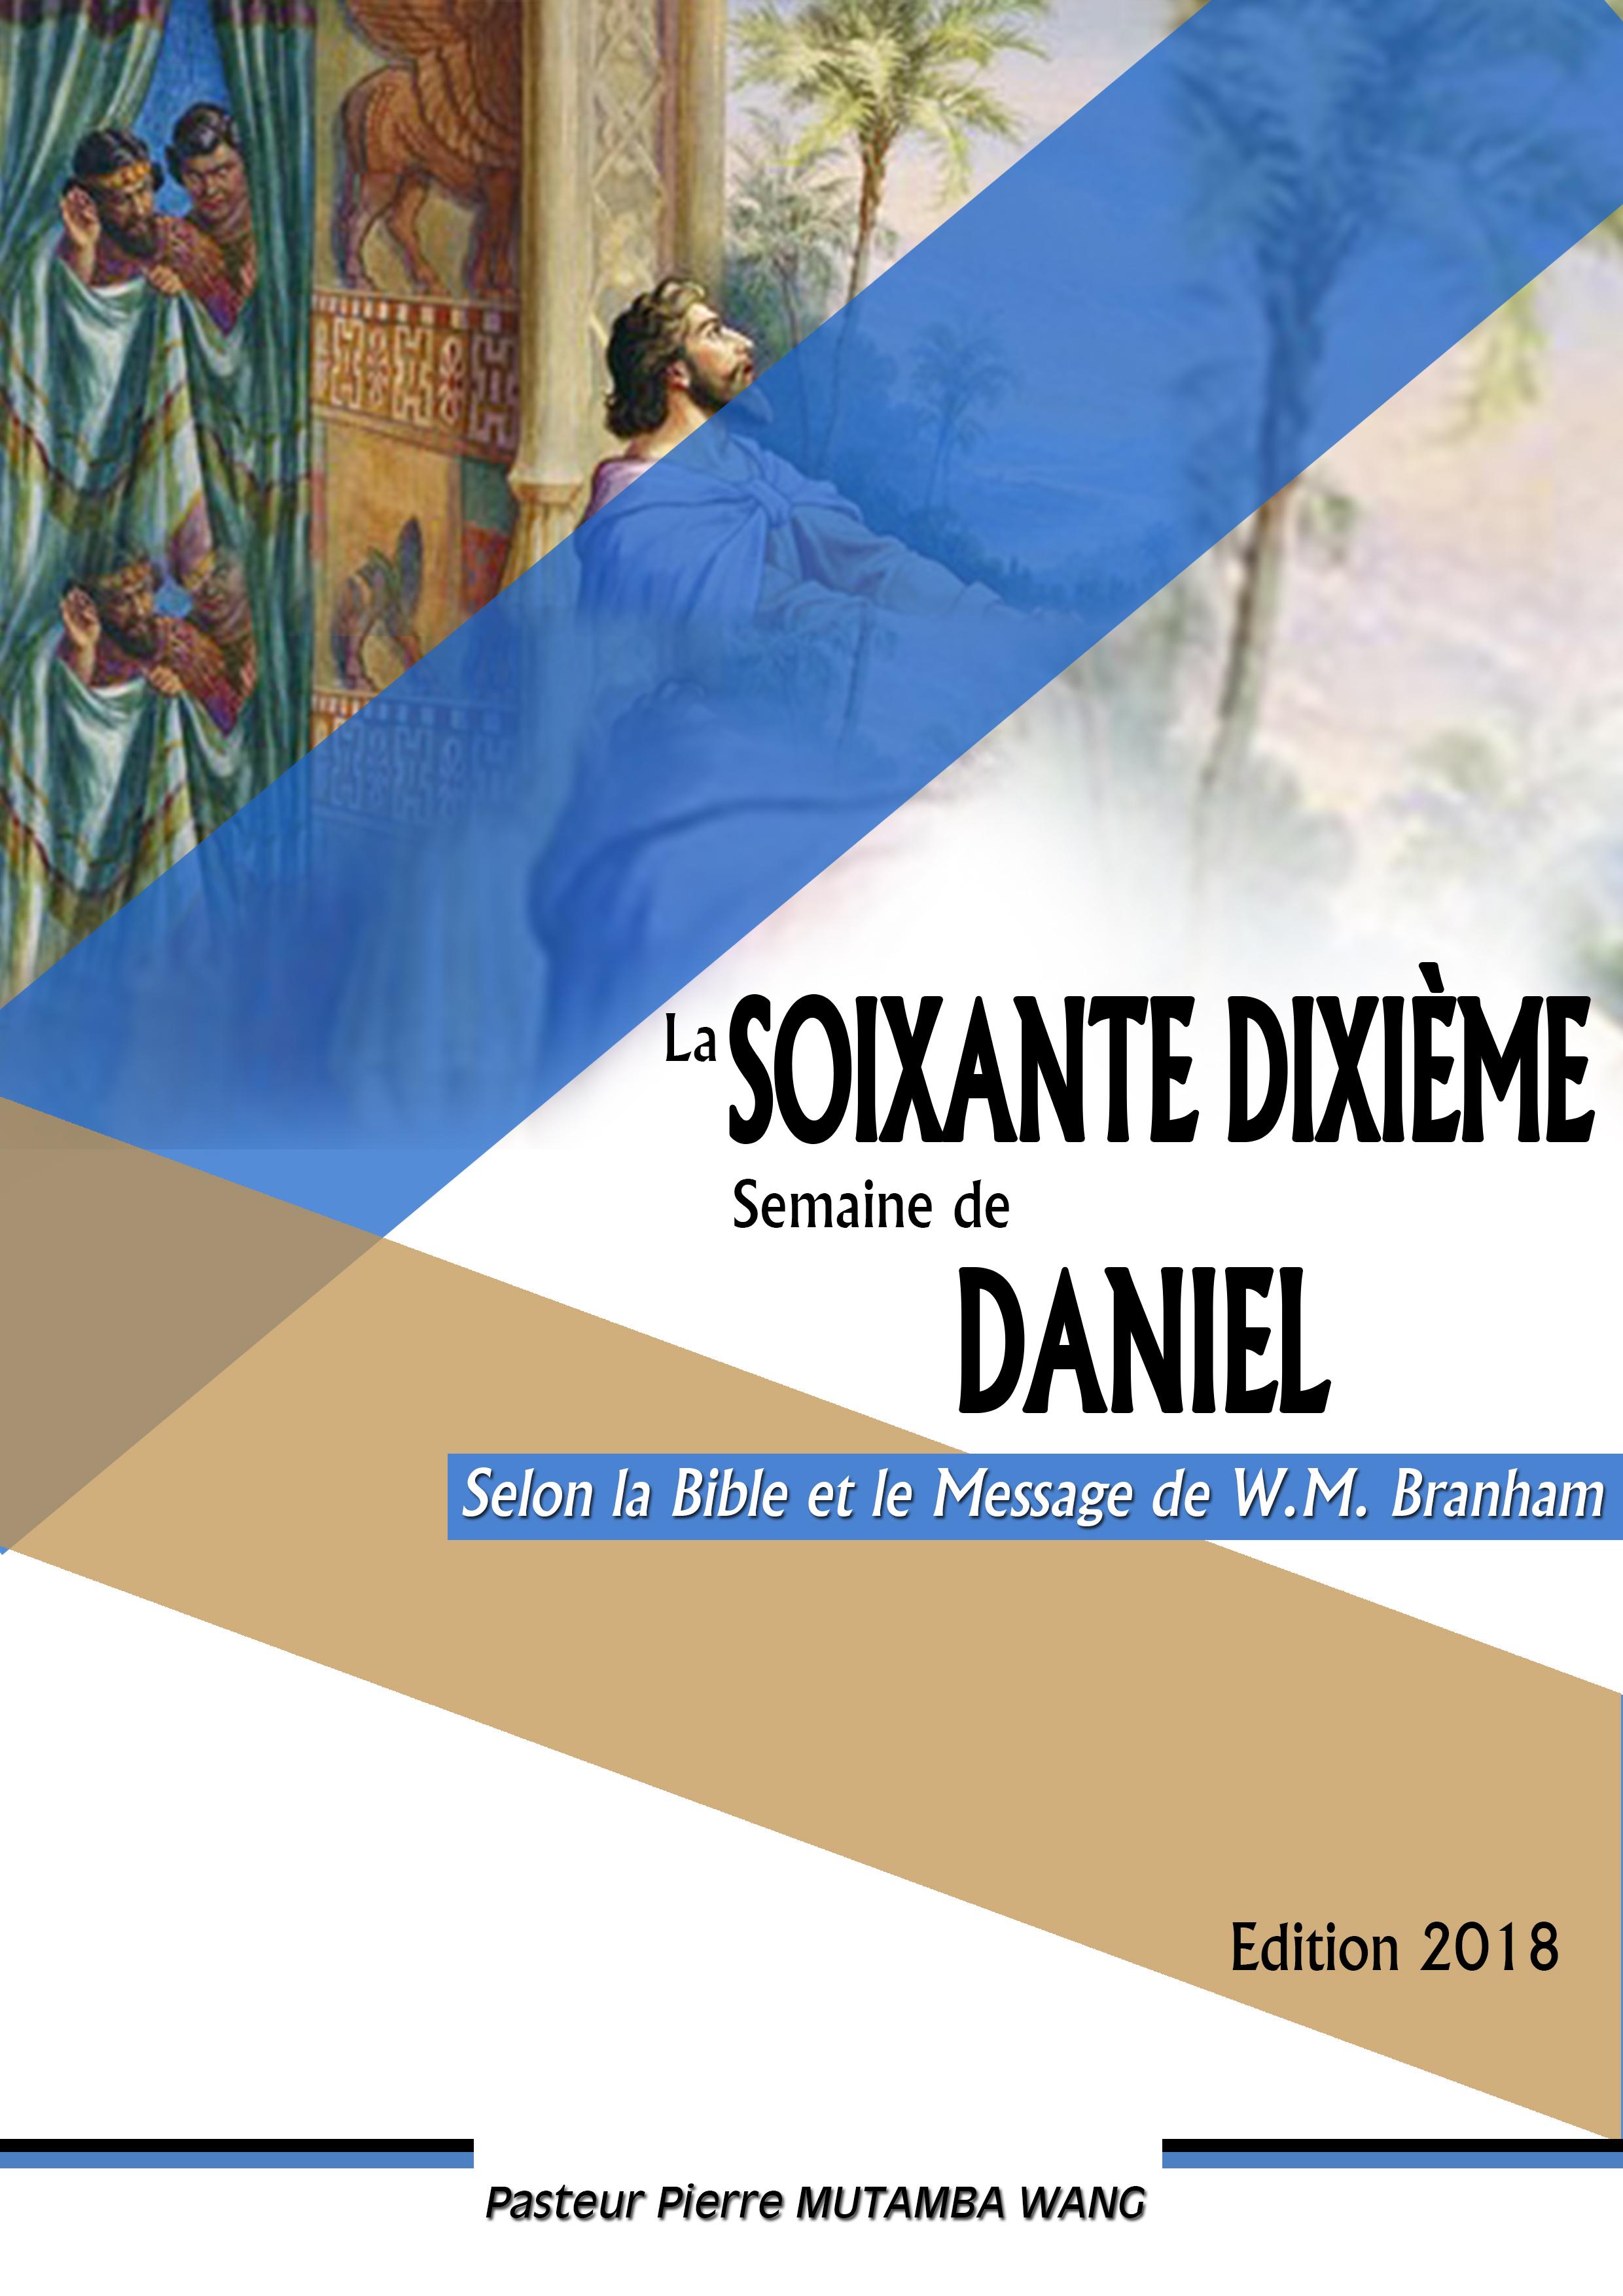 LA SOIXANTE DIXIEME SEMAINE DE DANIEL  OU  LE MYSTERE D'AVEUGLEMENT Selon la Bible et le message de W.M. Branham